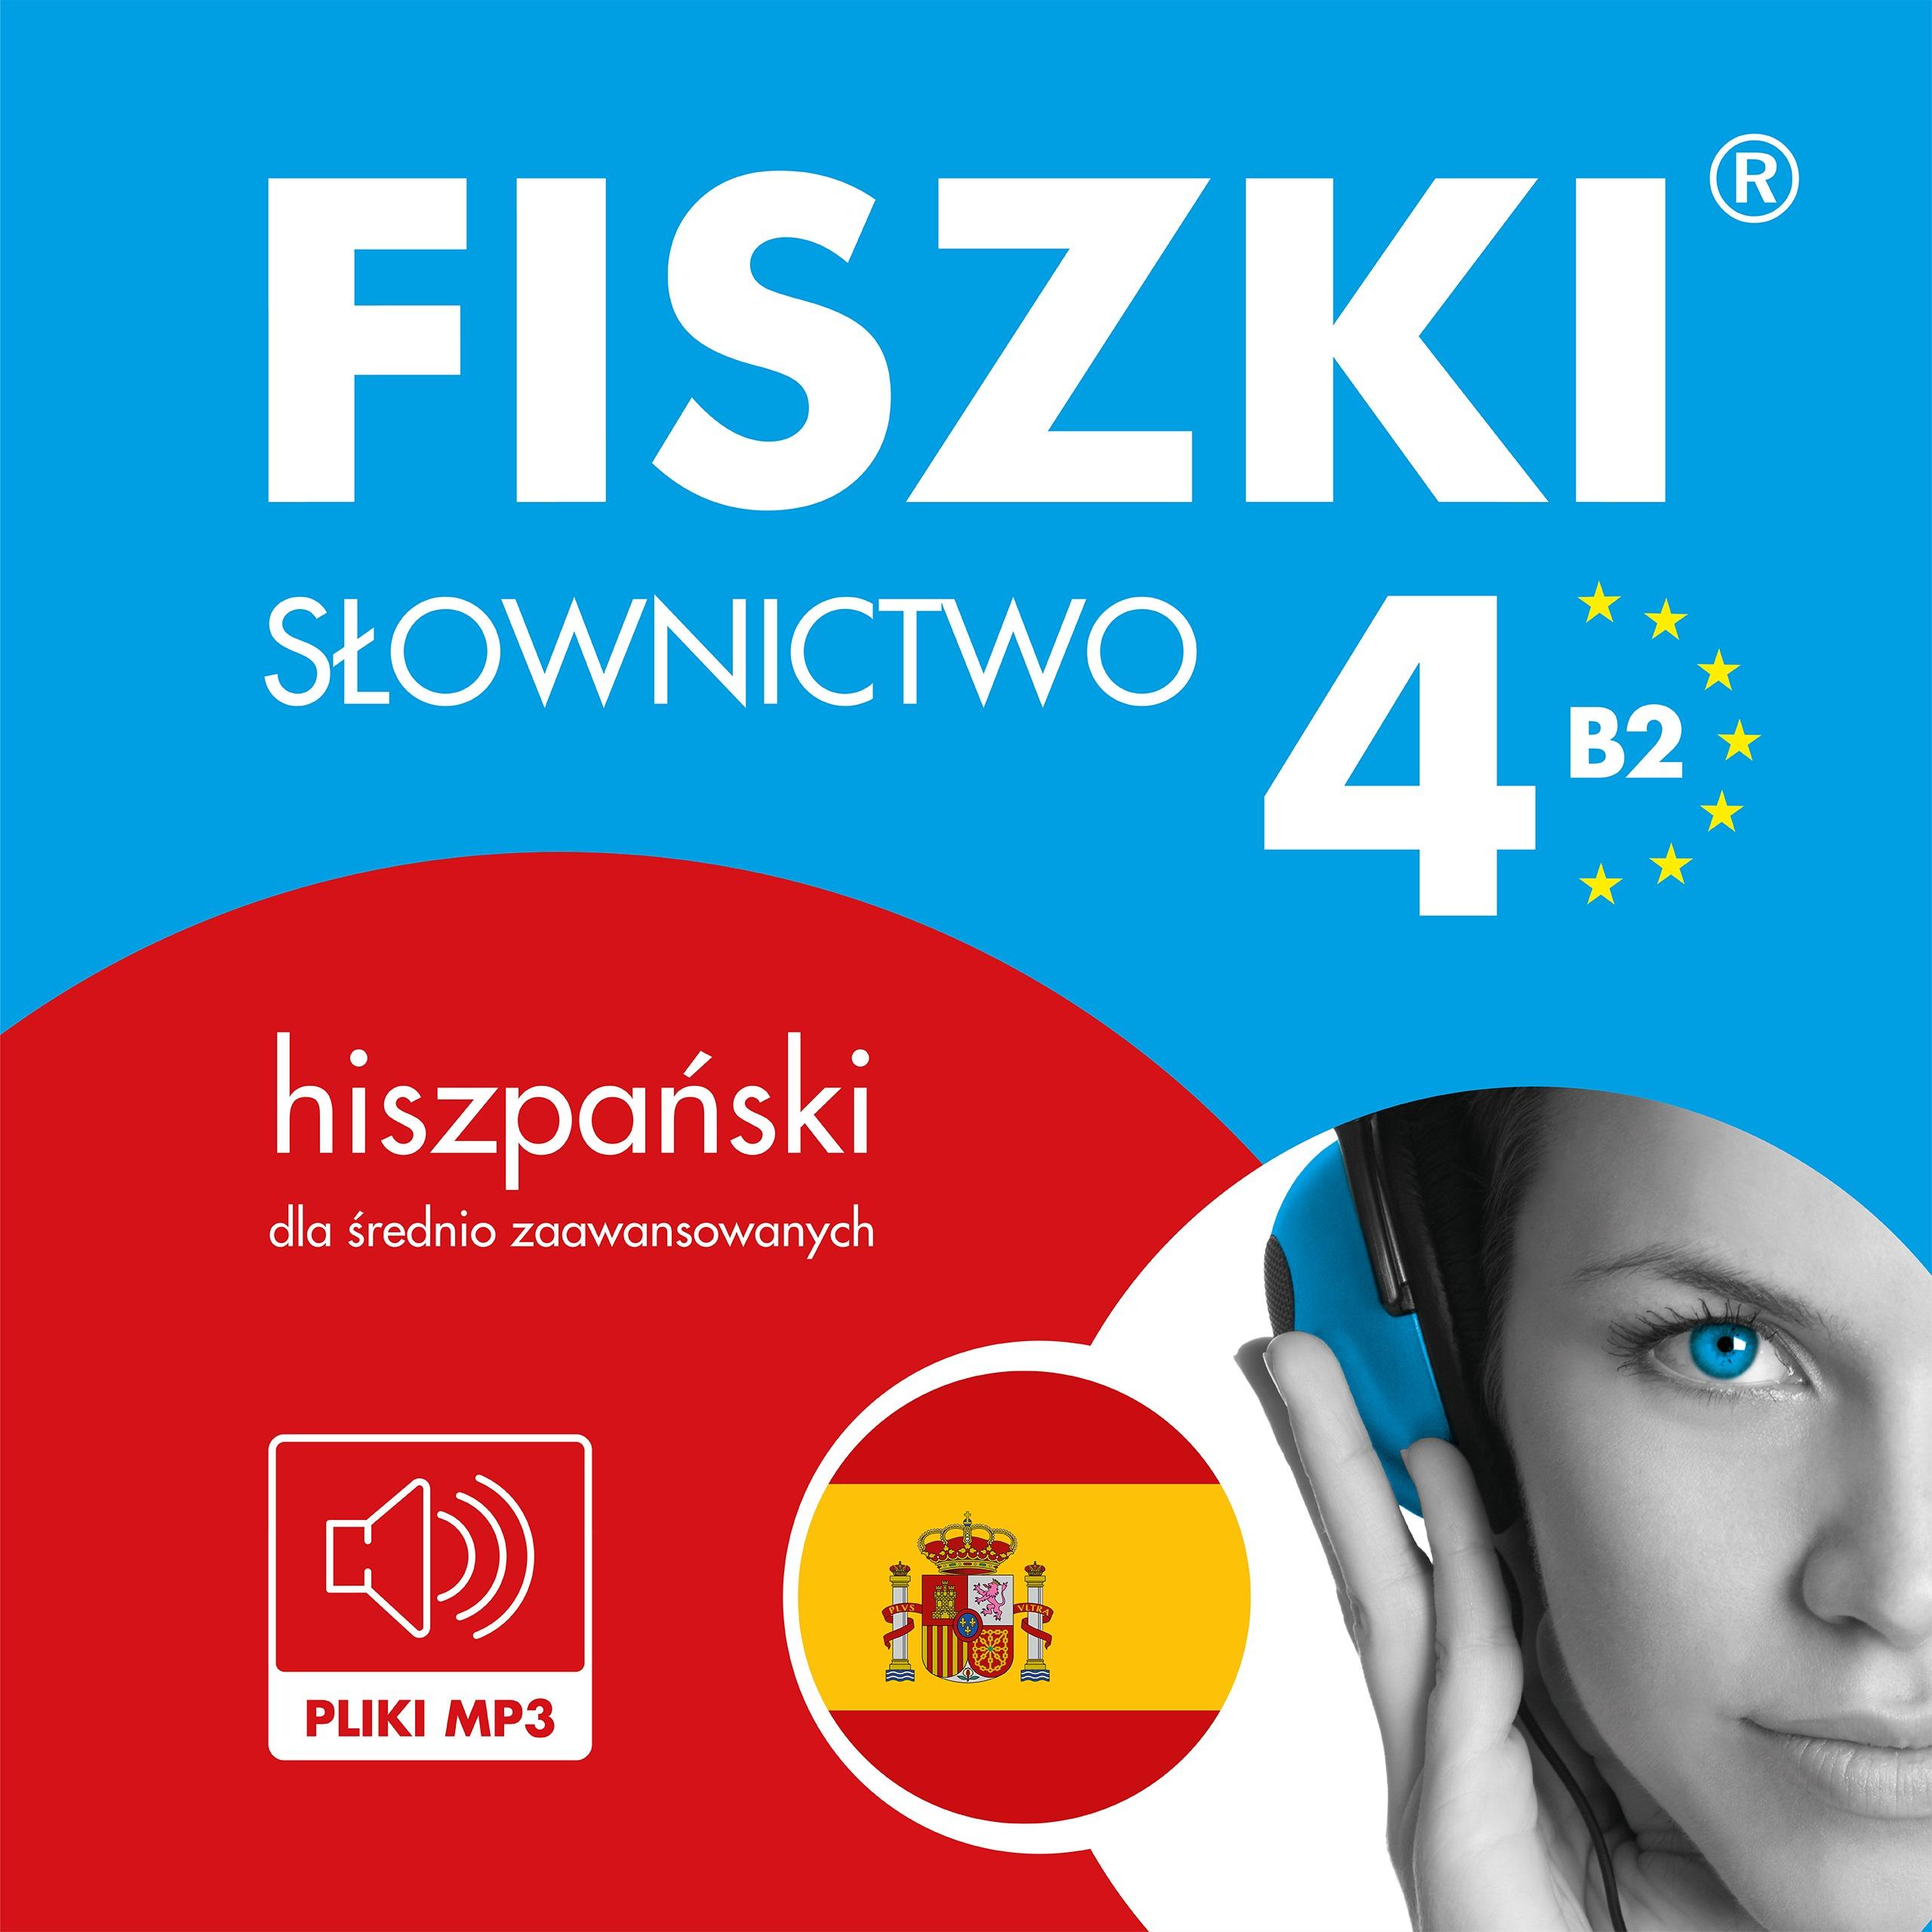 AUDIOBOOK - hiszpański - Słownictwo 4 (B2)